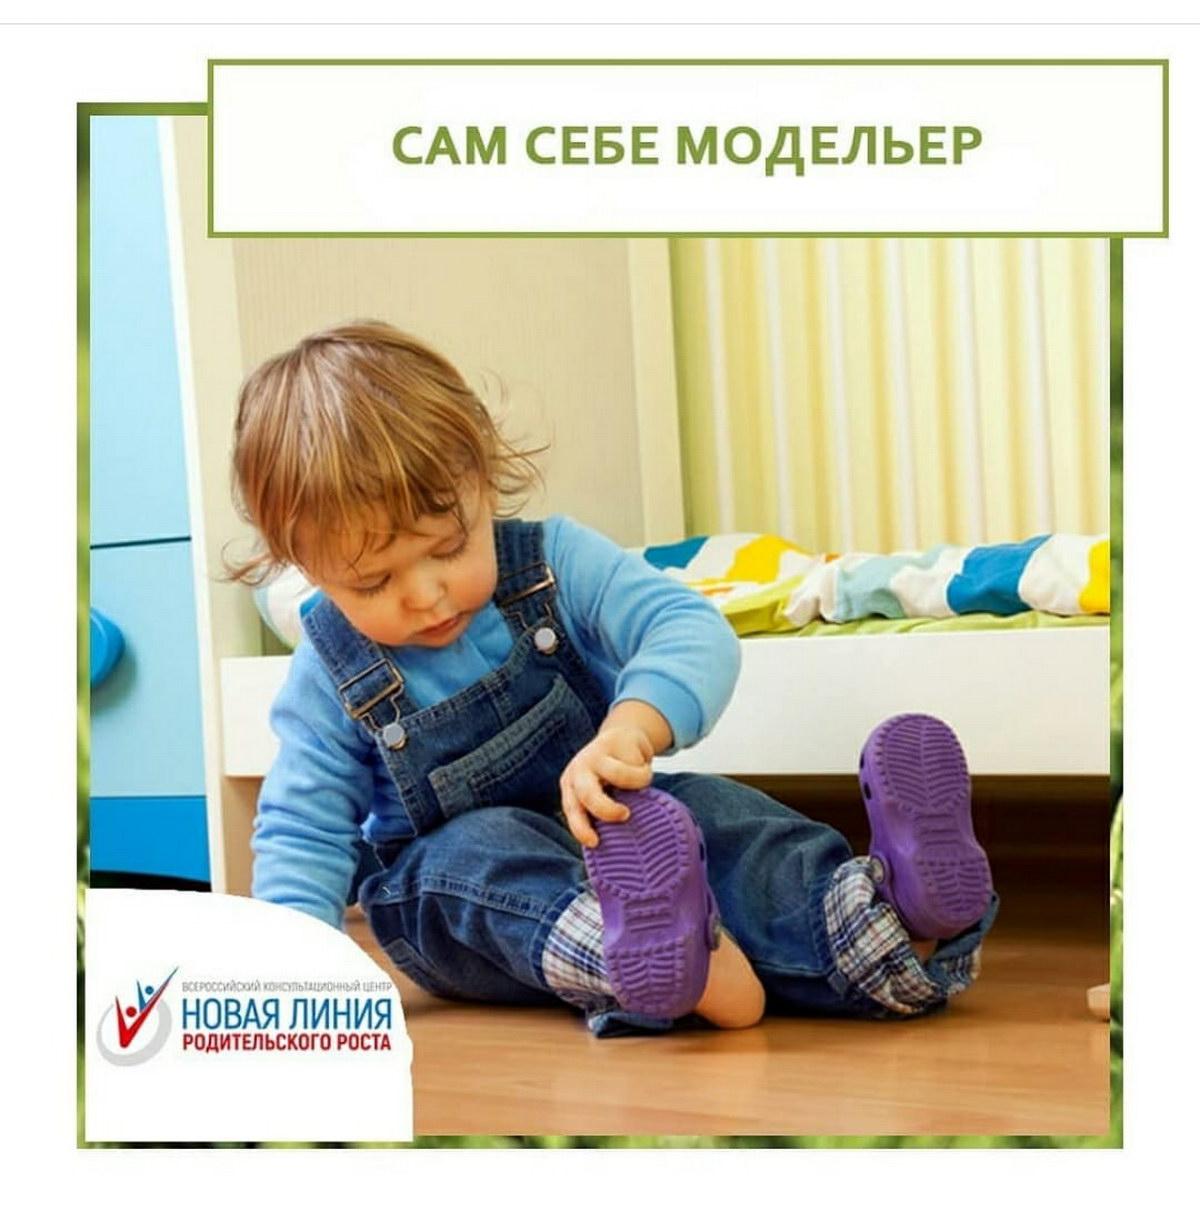 Советы педагога: что делать, чтобы малыш одевался сам